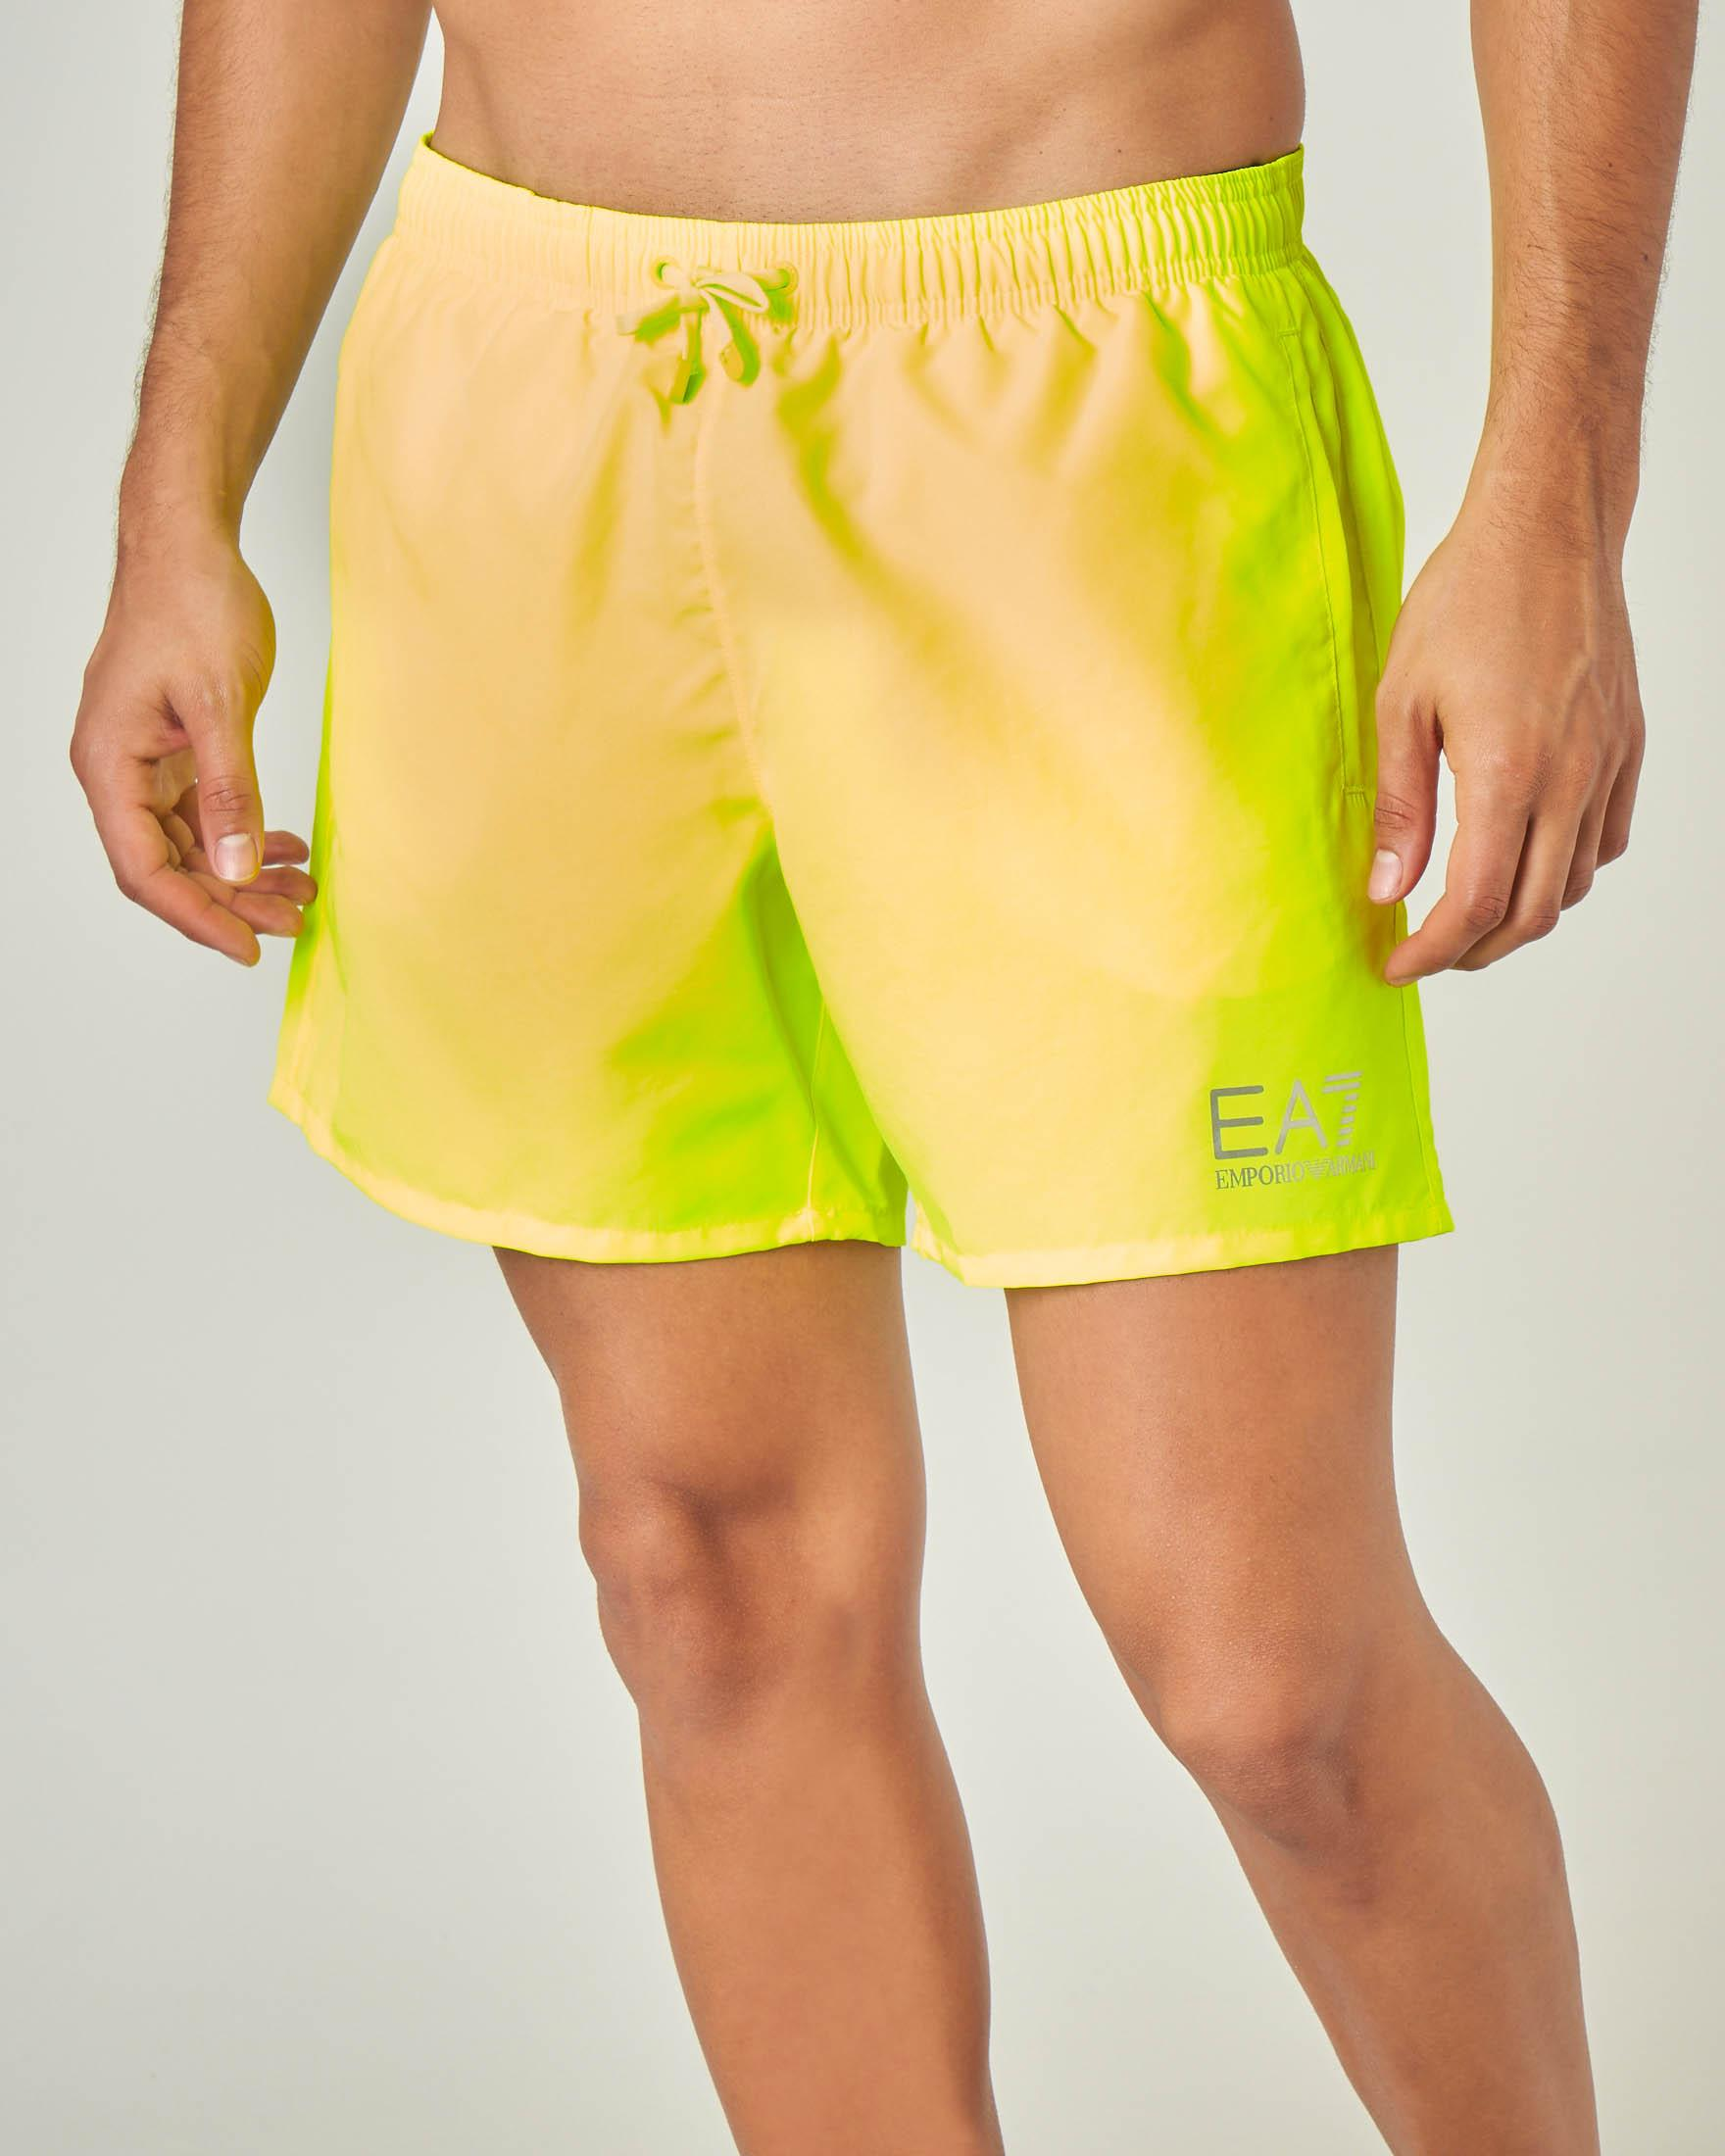 Costume boxer giallo fluo con logo stampato